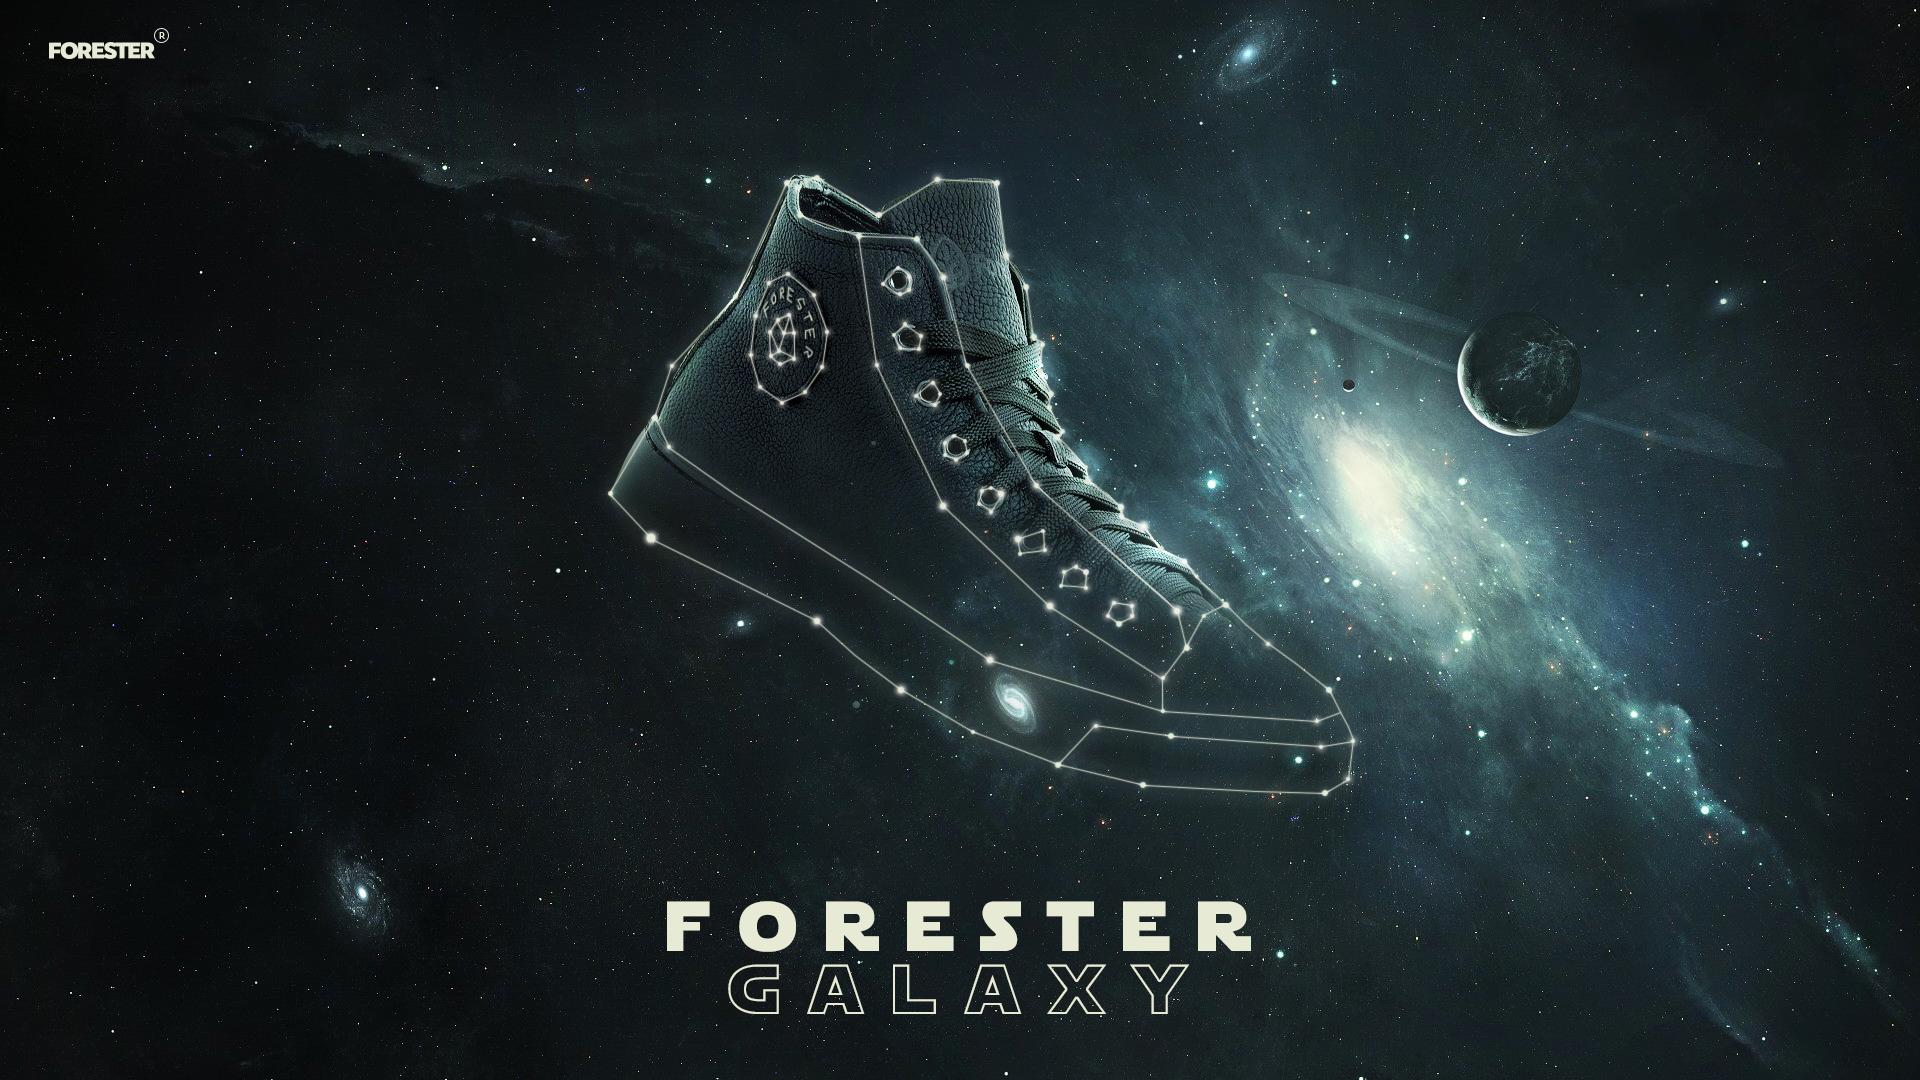 купить-кожаные кеды-Forester-kedoff.net